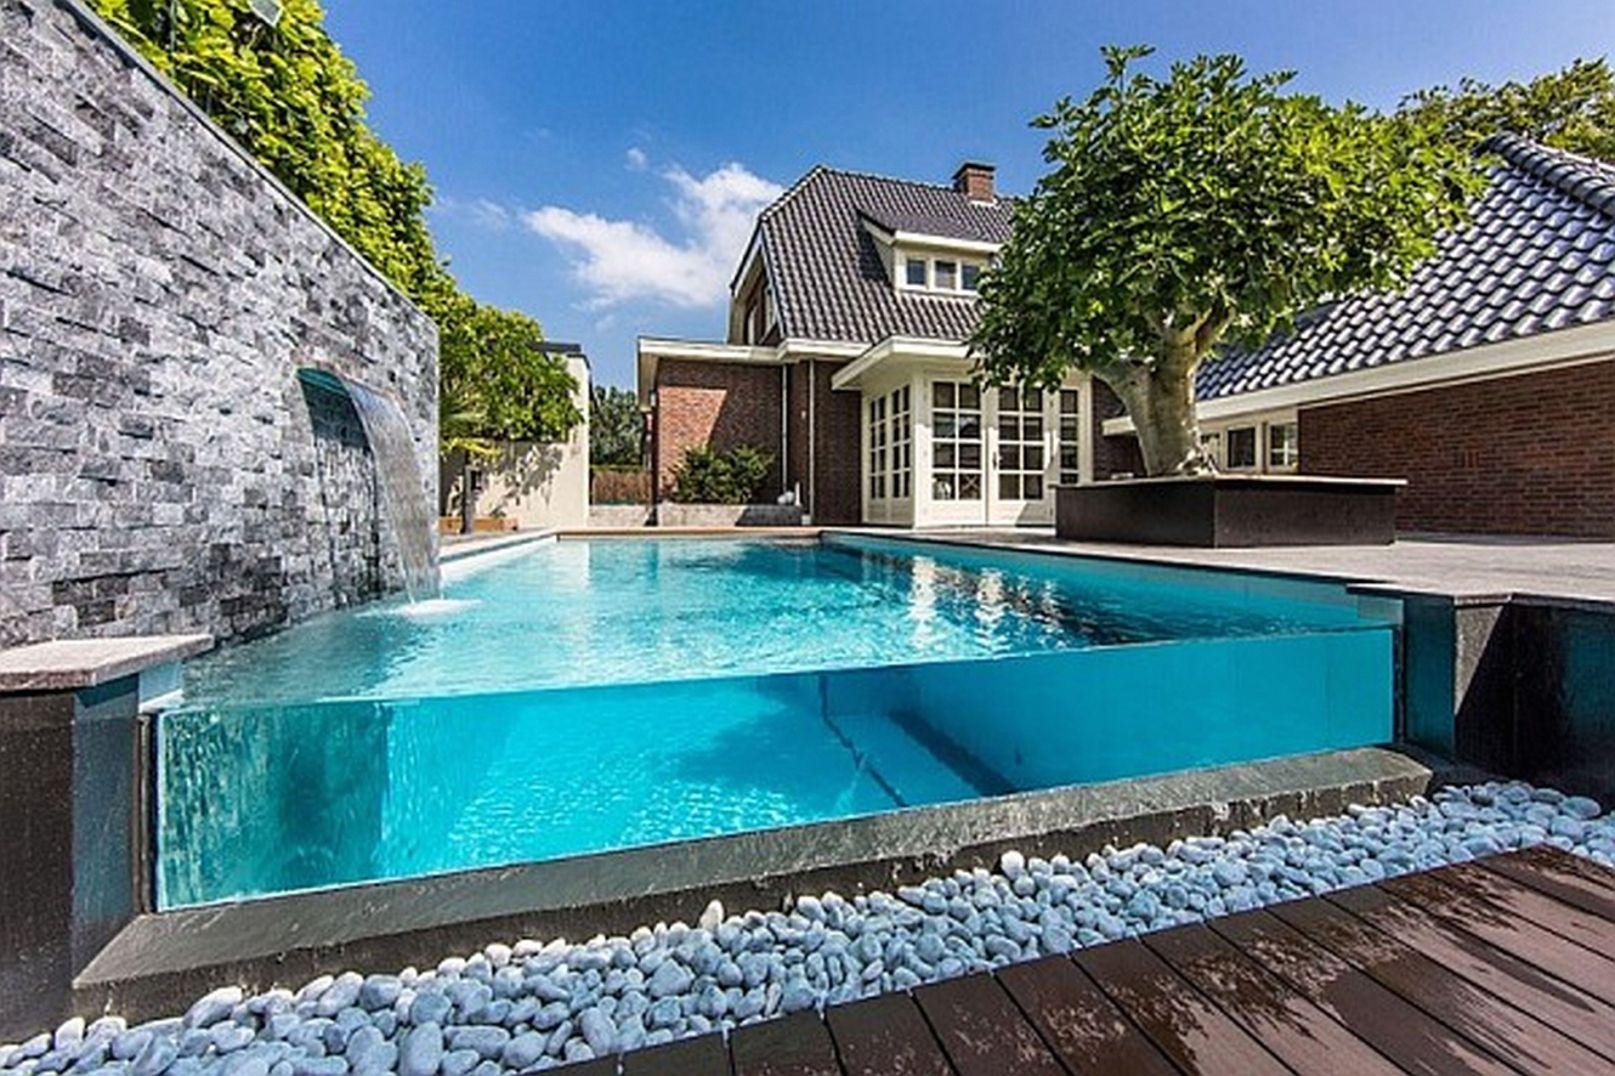 Cool backyard pool design ideas swimming pool swimming pool with